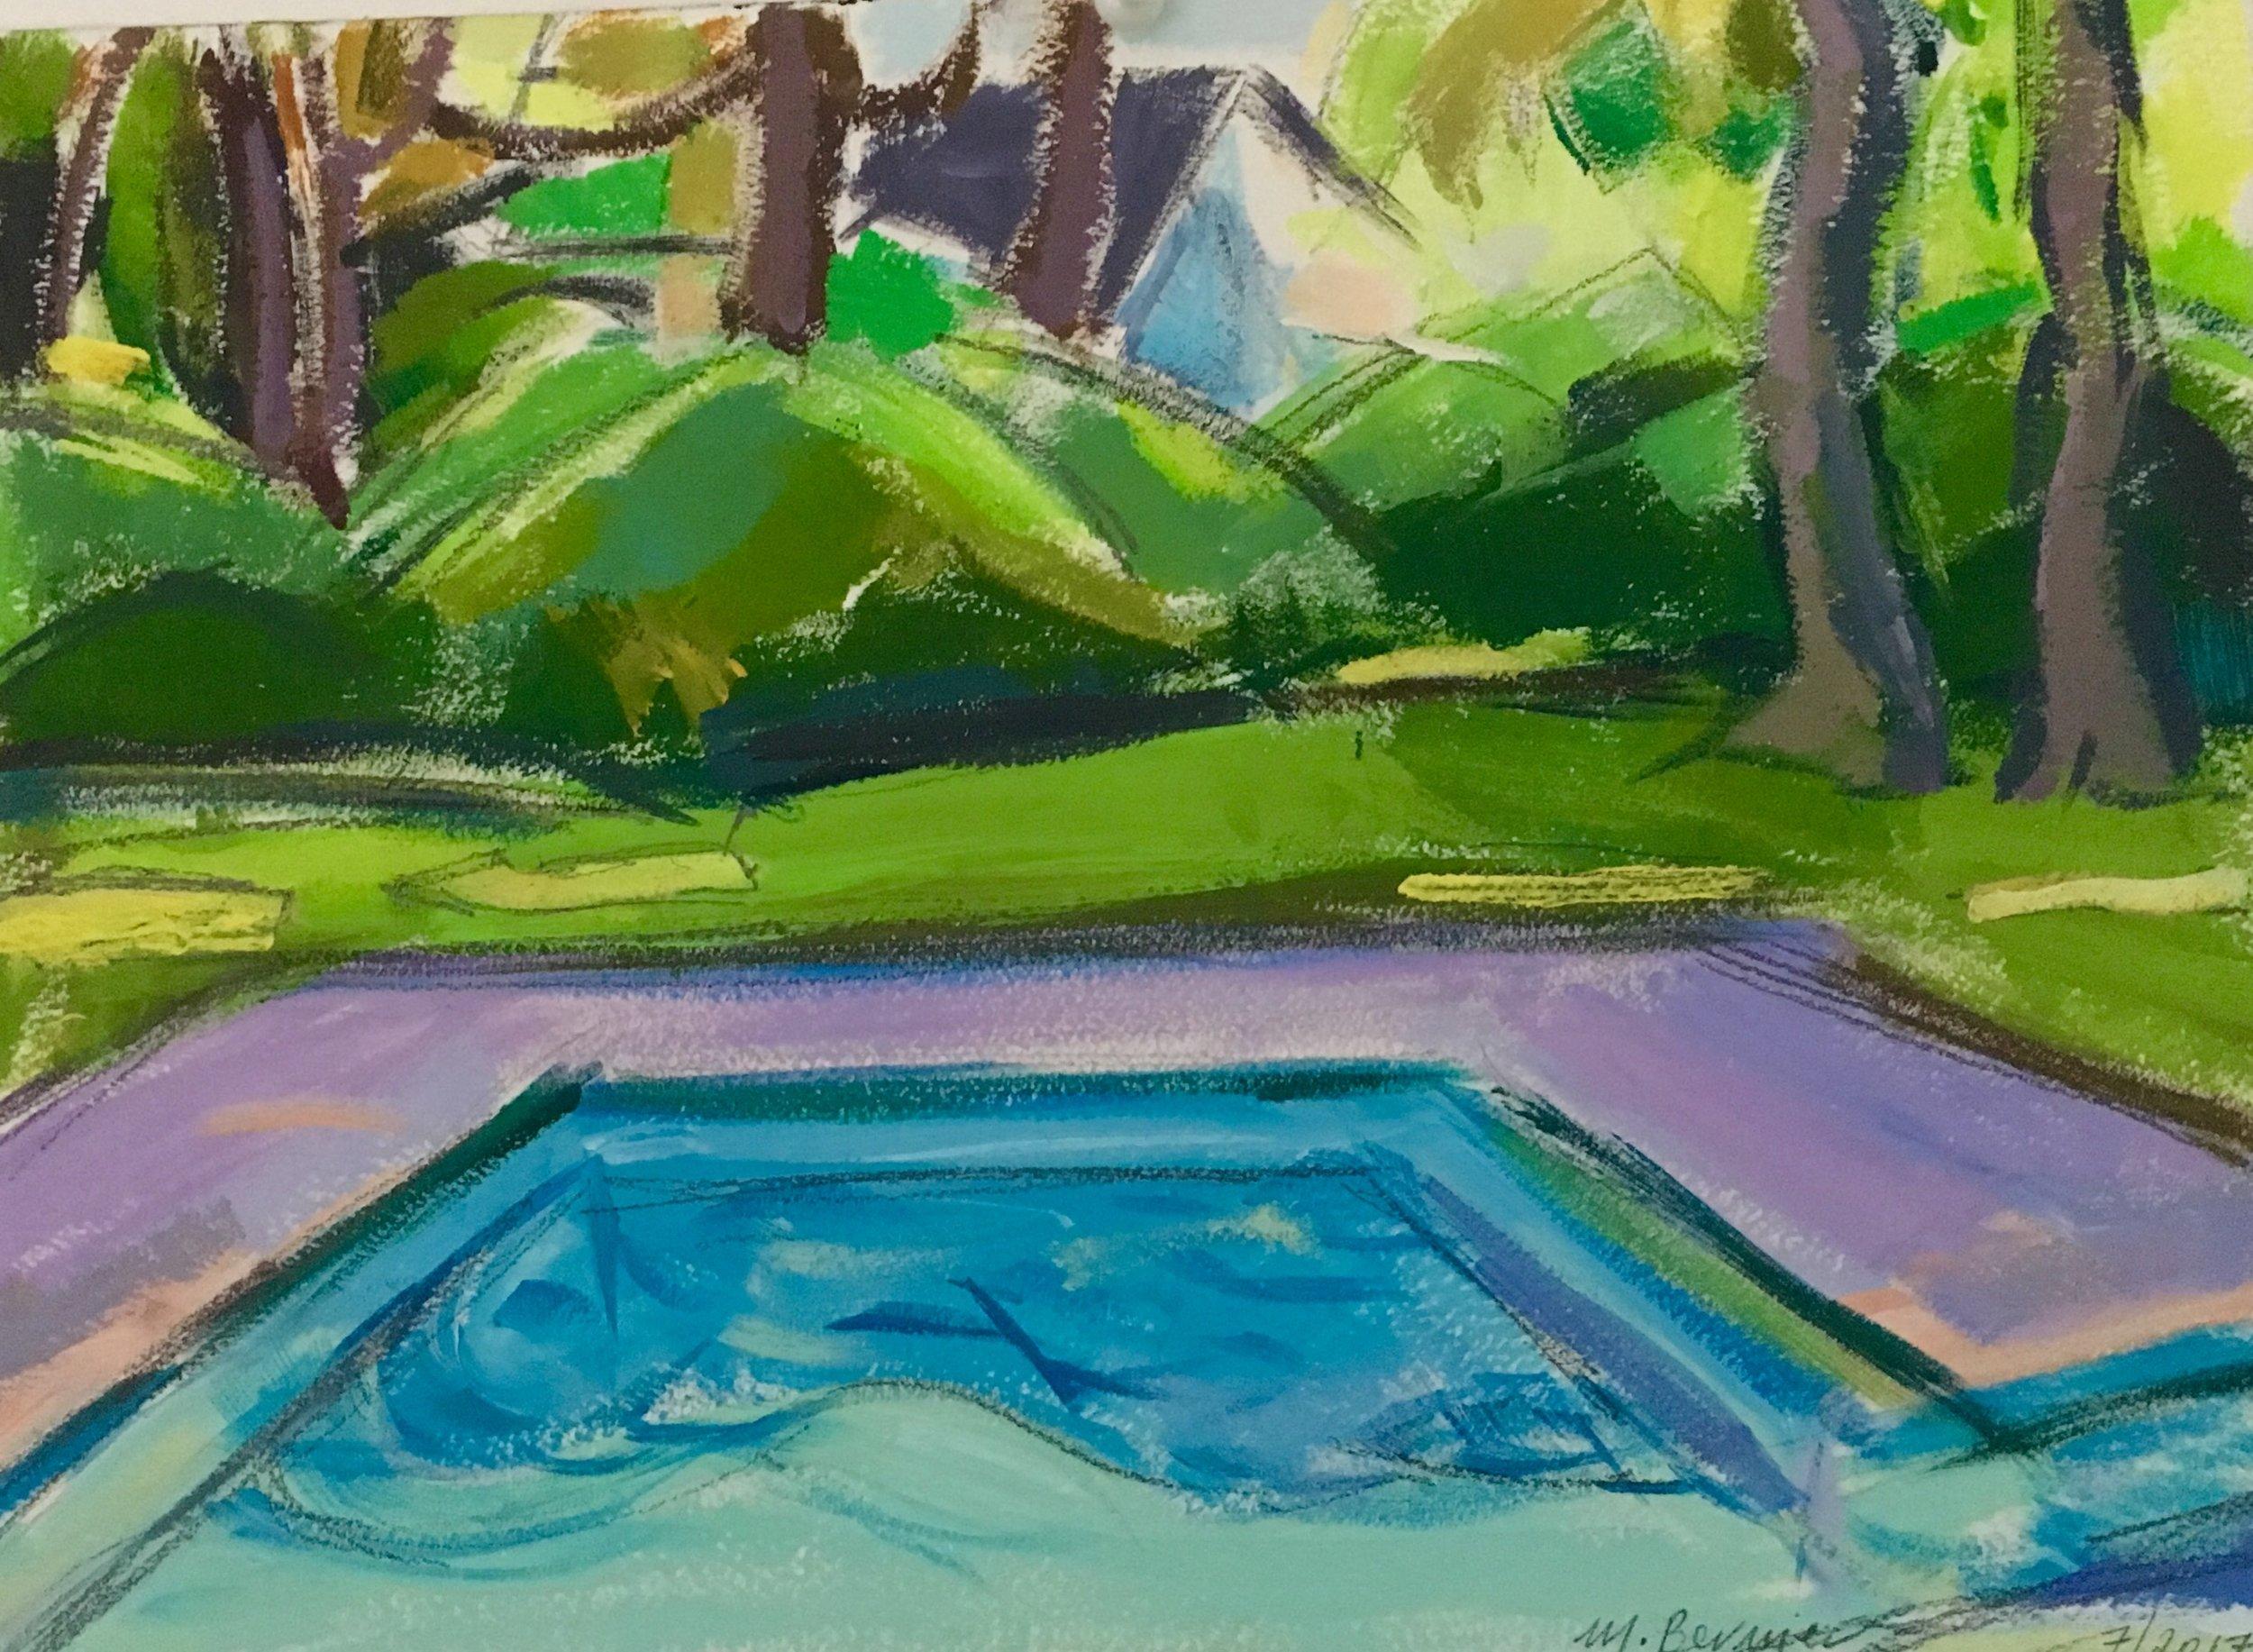 Pool Study I,  gouache, 9 x 12 in., 2017